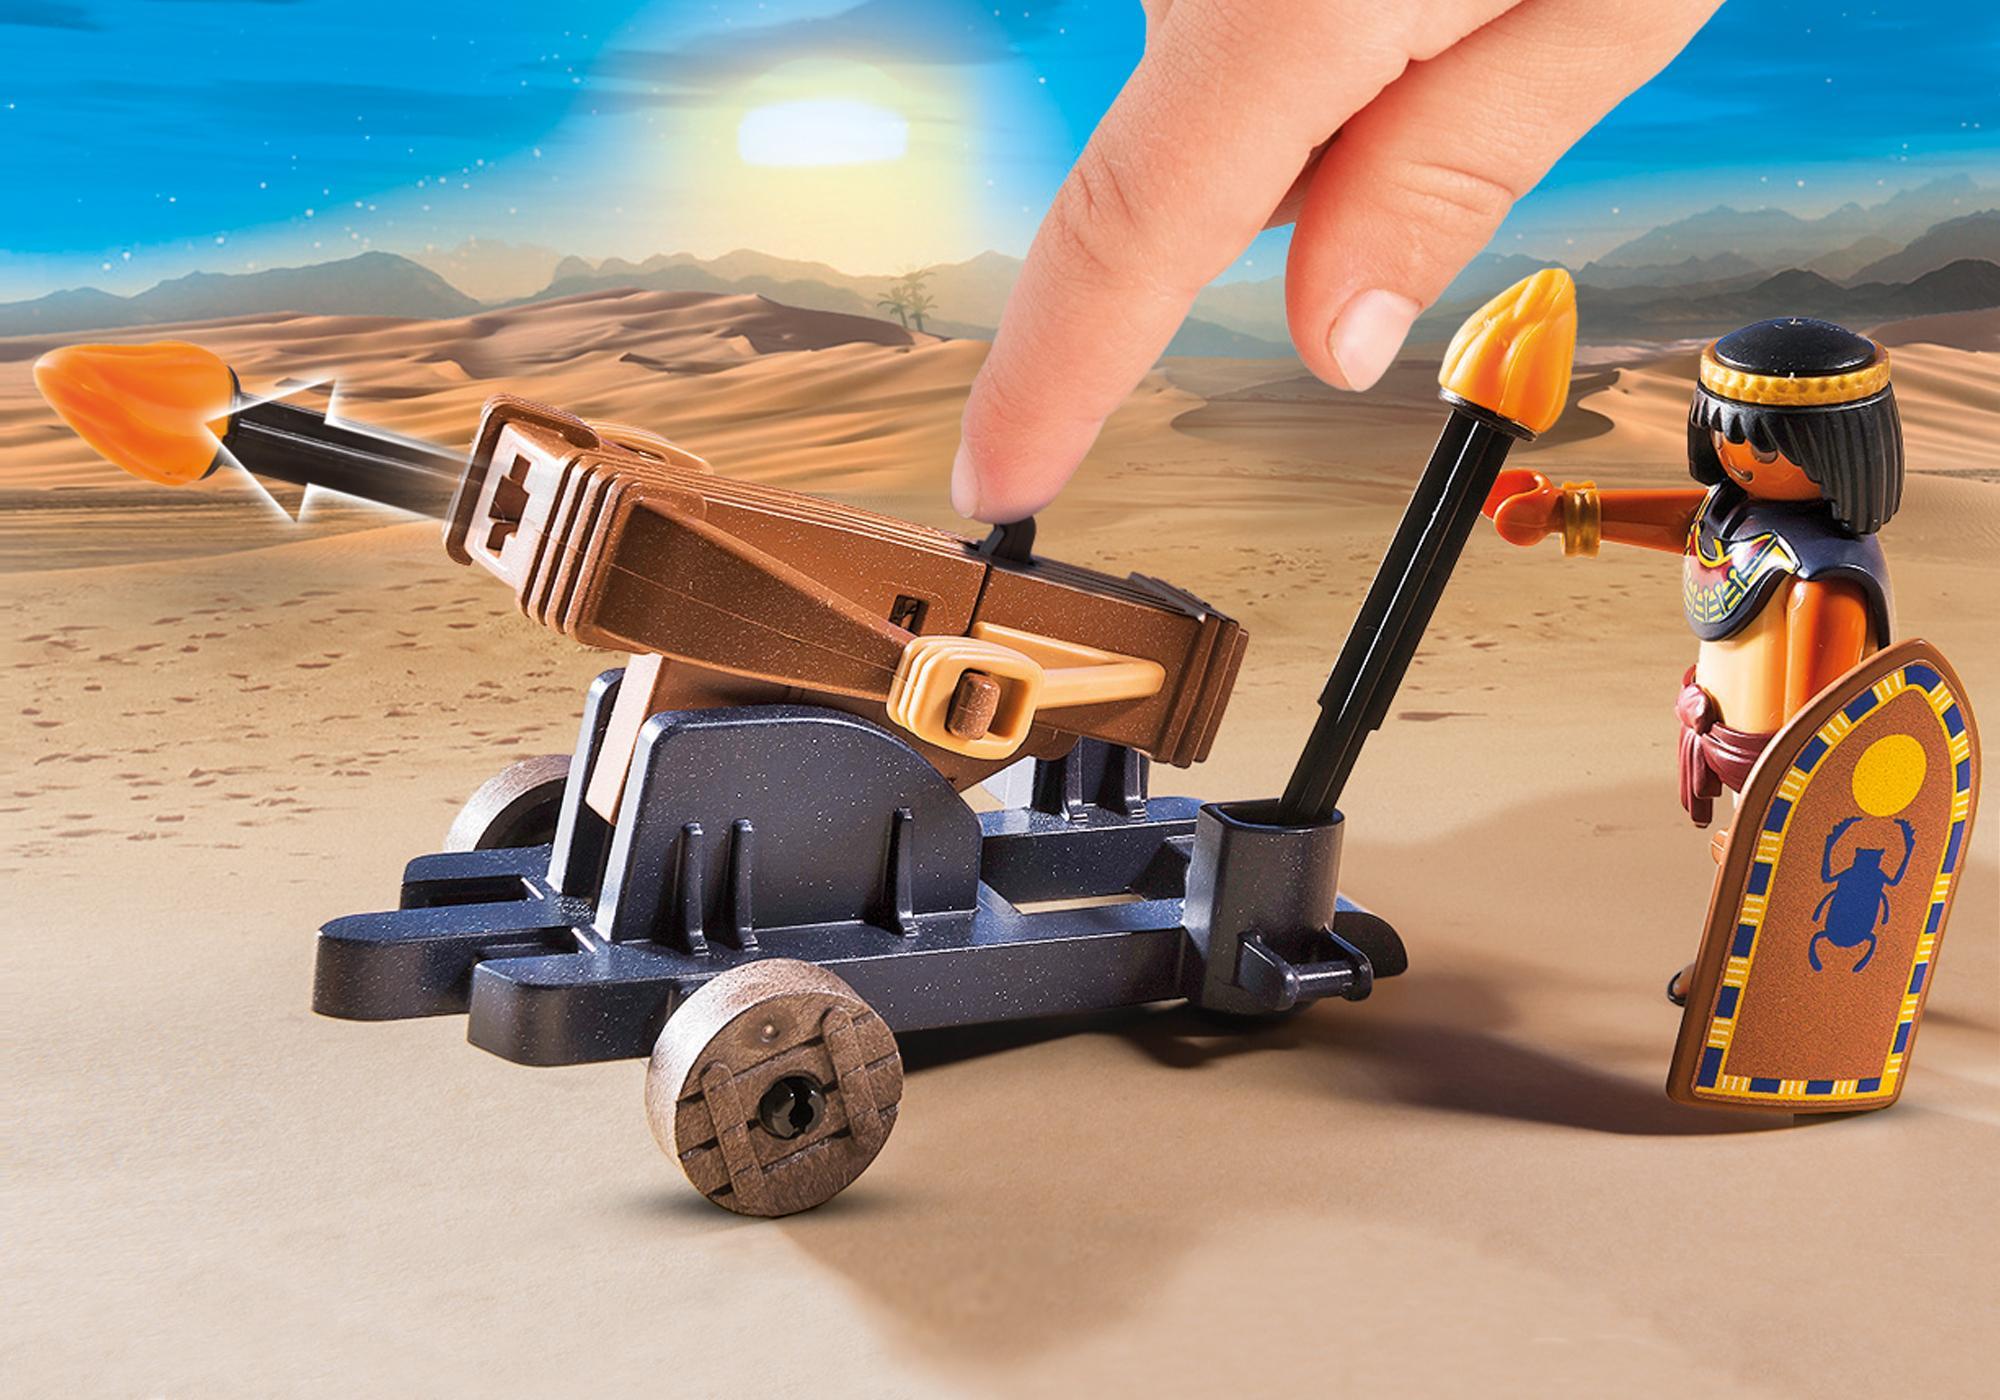 http://media.playmobil.com/i/playmobil/5388_product_extra1/Egípcios com catapulta